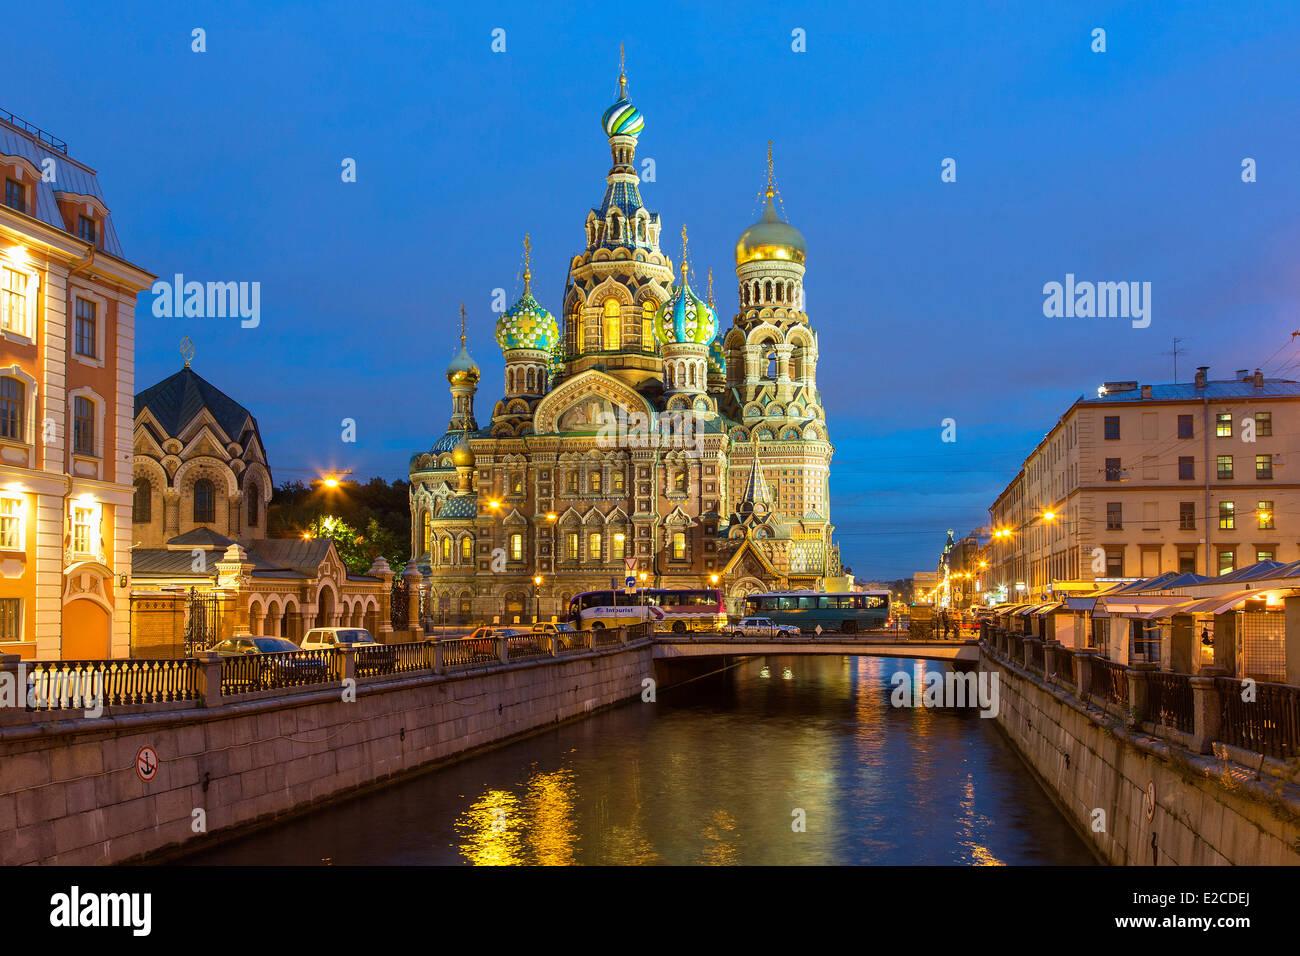 Rusia, San Petersburgo, catalogado como Patrimonio Mundial por la UNESCO, la Iglesia del Salvador sobre la sangre Imagen De Stock